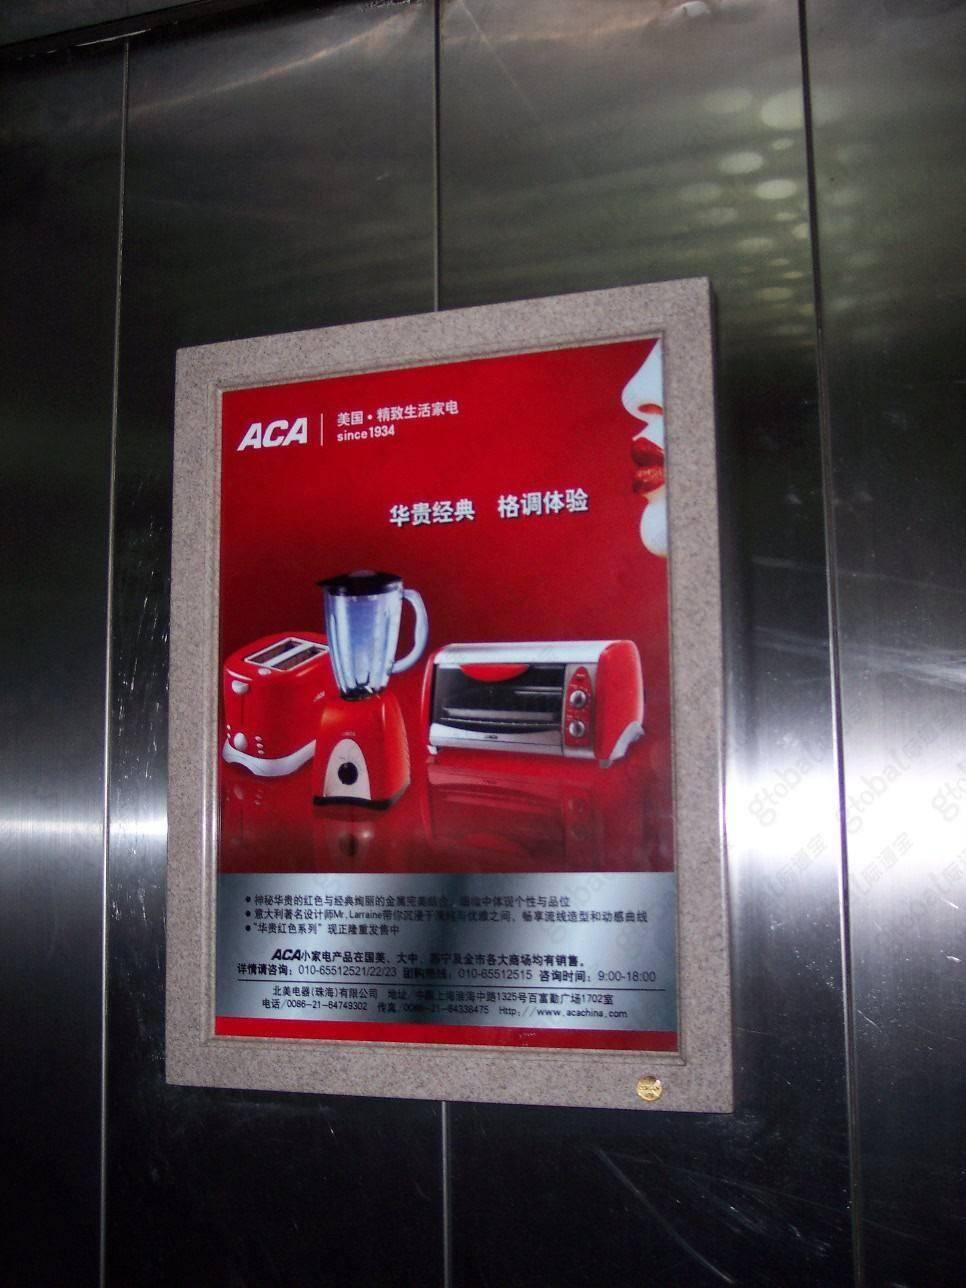 大连电梯广告公司广告牌框架3.0投放(100框起投)